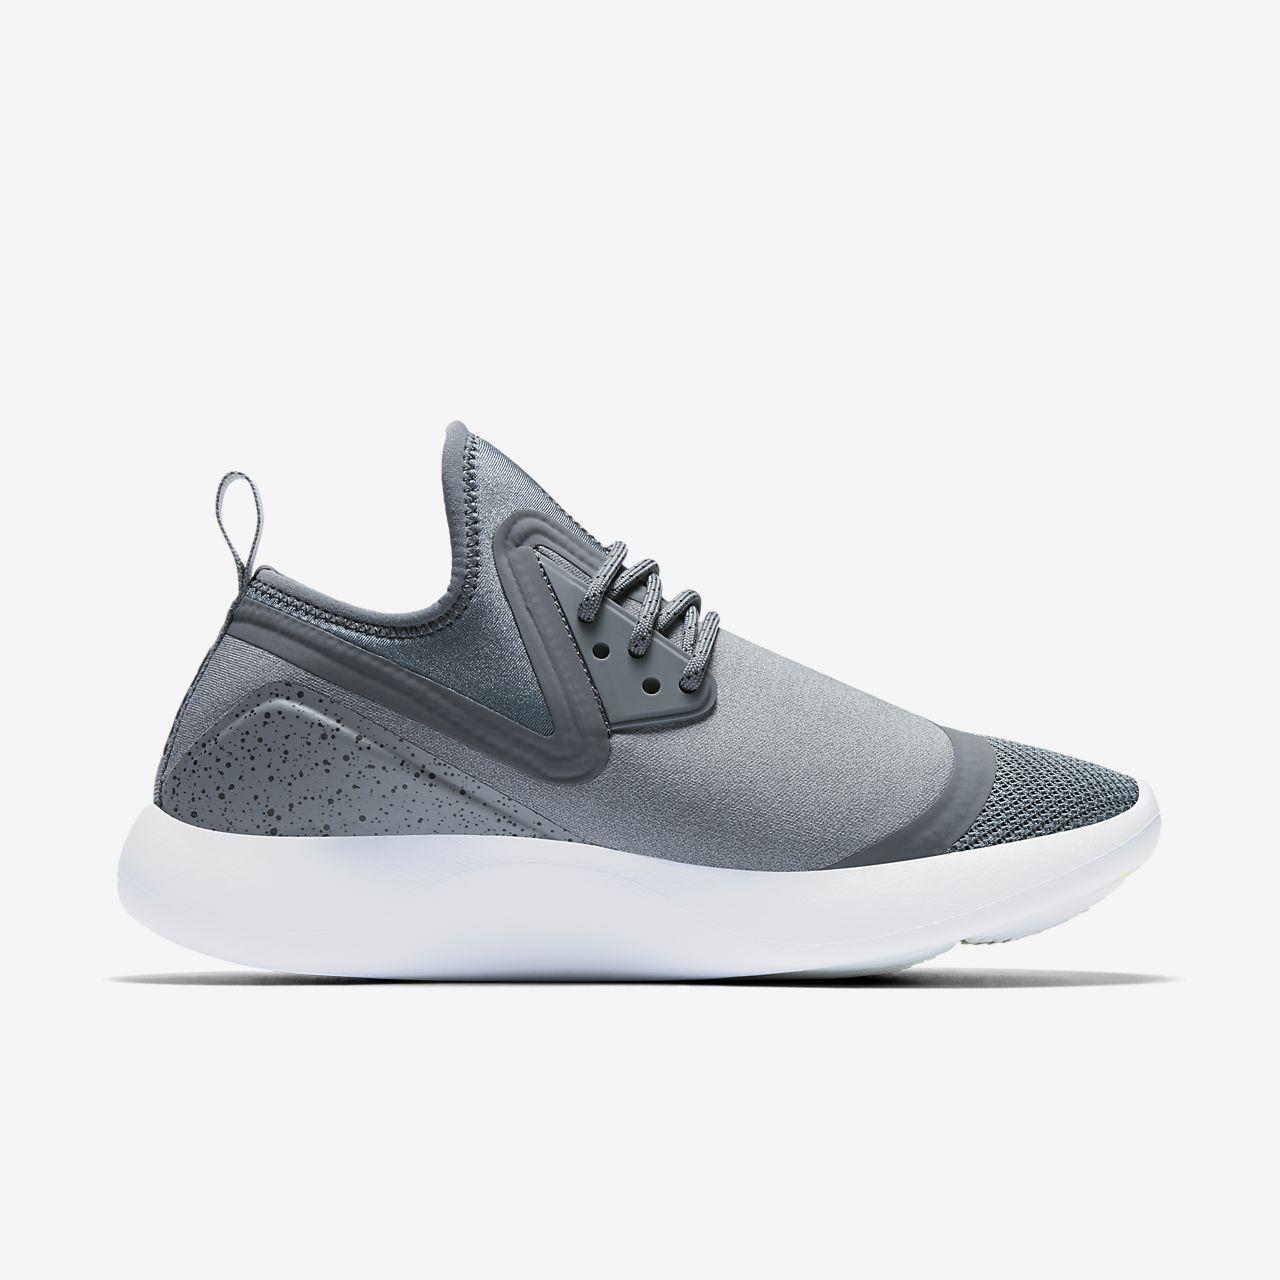 Nike Lunar Lot Essentiels - Chaussures De Sport - Femmes - 923620-002 - Taille 36.5 - Gris Froid NfqQg